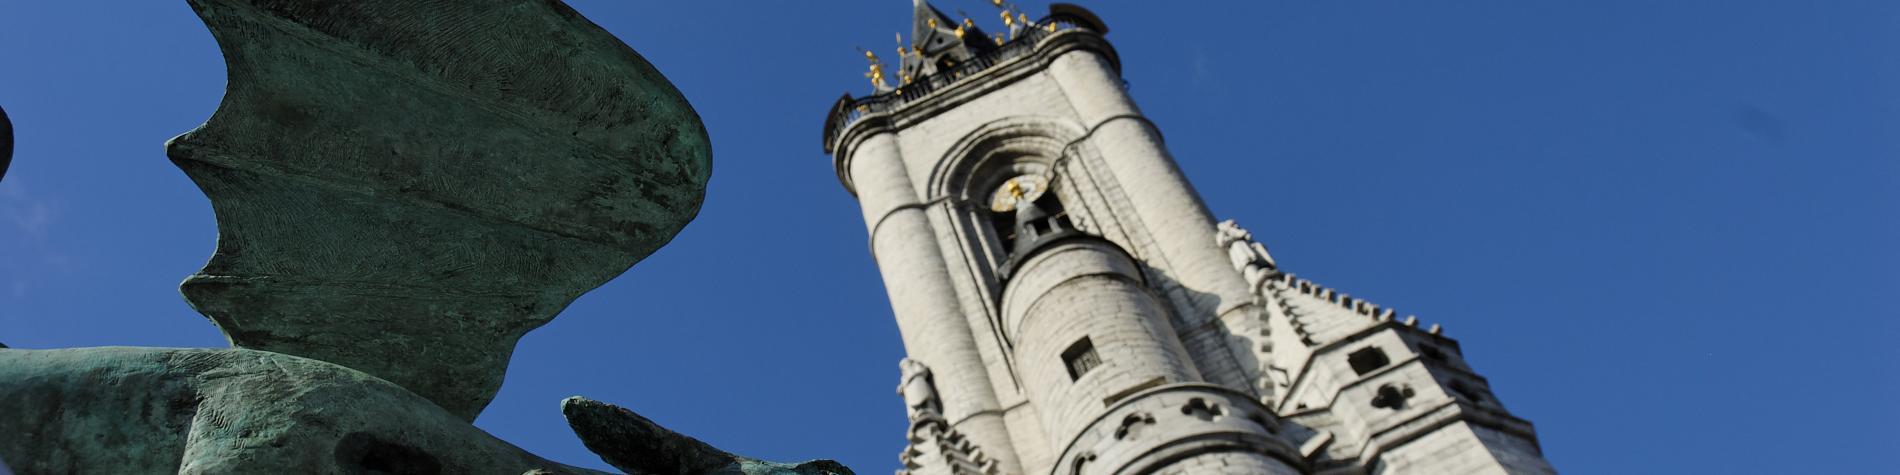 Tournai - Le Beffroi - patrimoine mondial - UNESCO